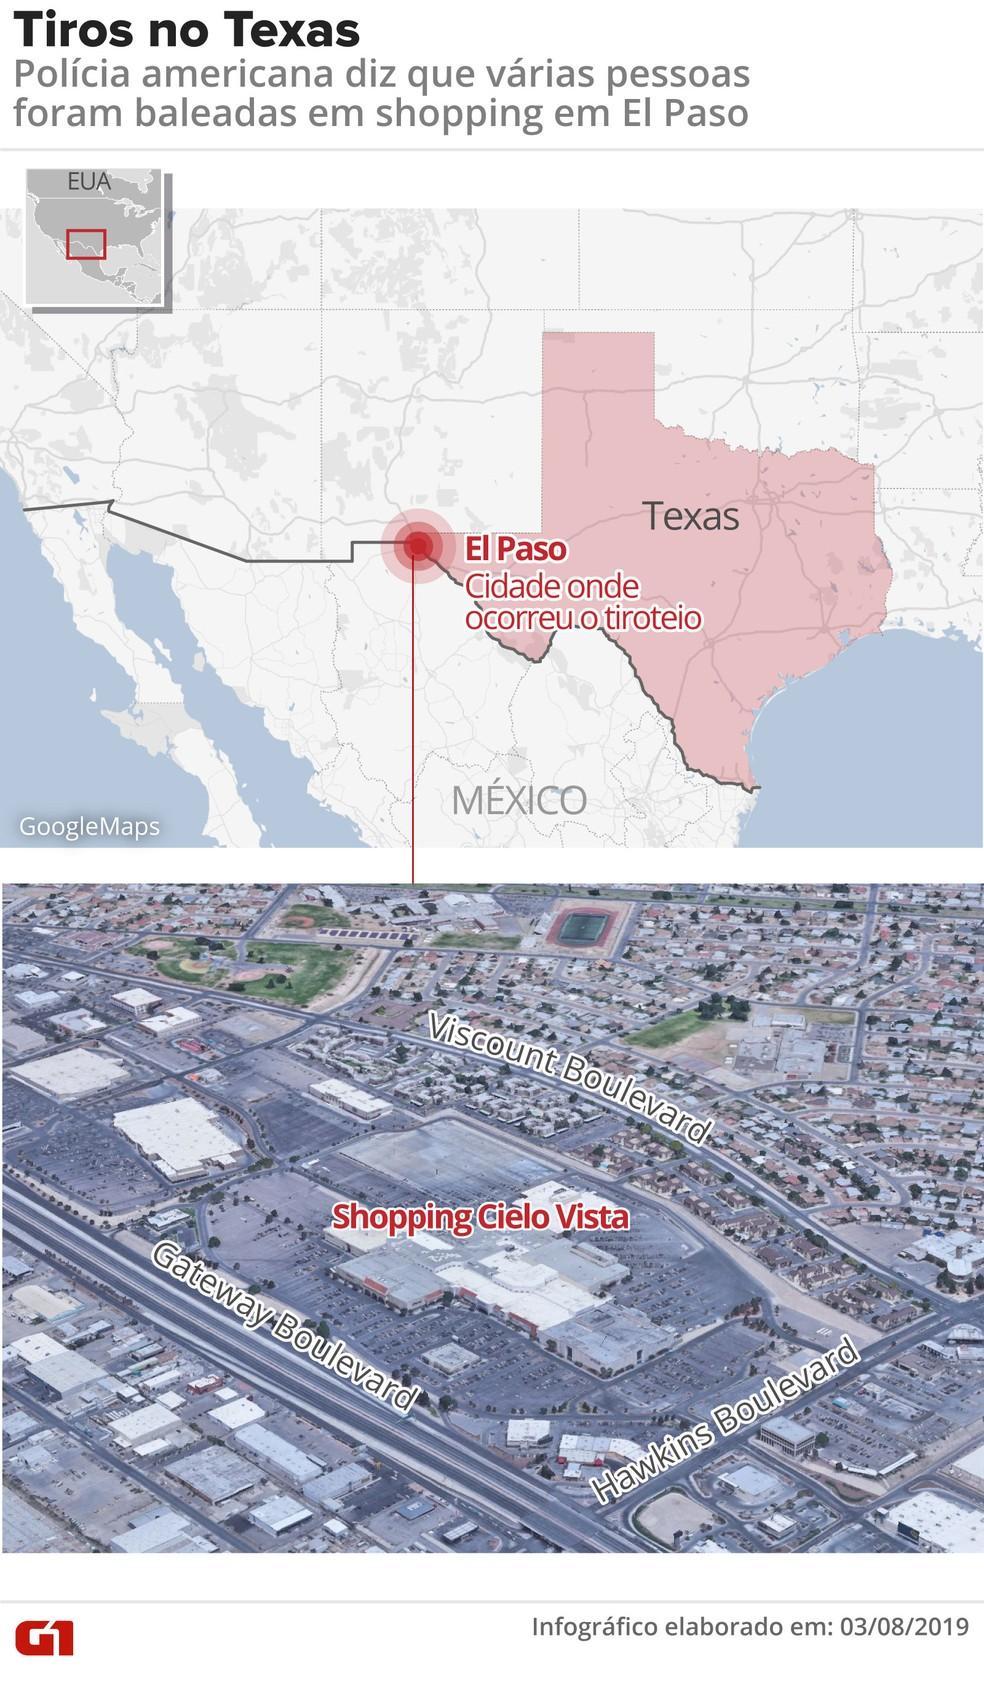 Tiros em El Paso, no Texas, deixam mortos e feridos. — Foto: Roberta Jaworski/G1